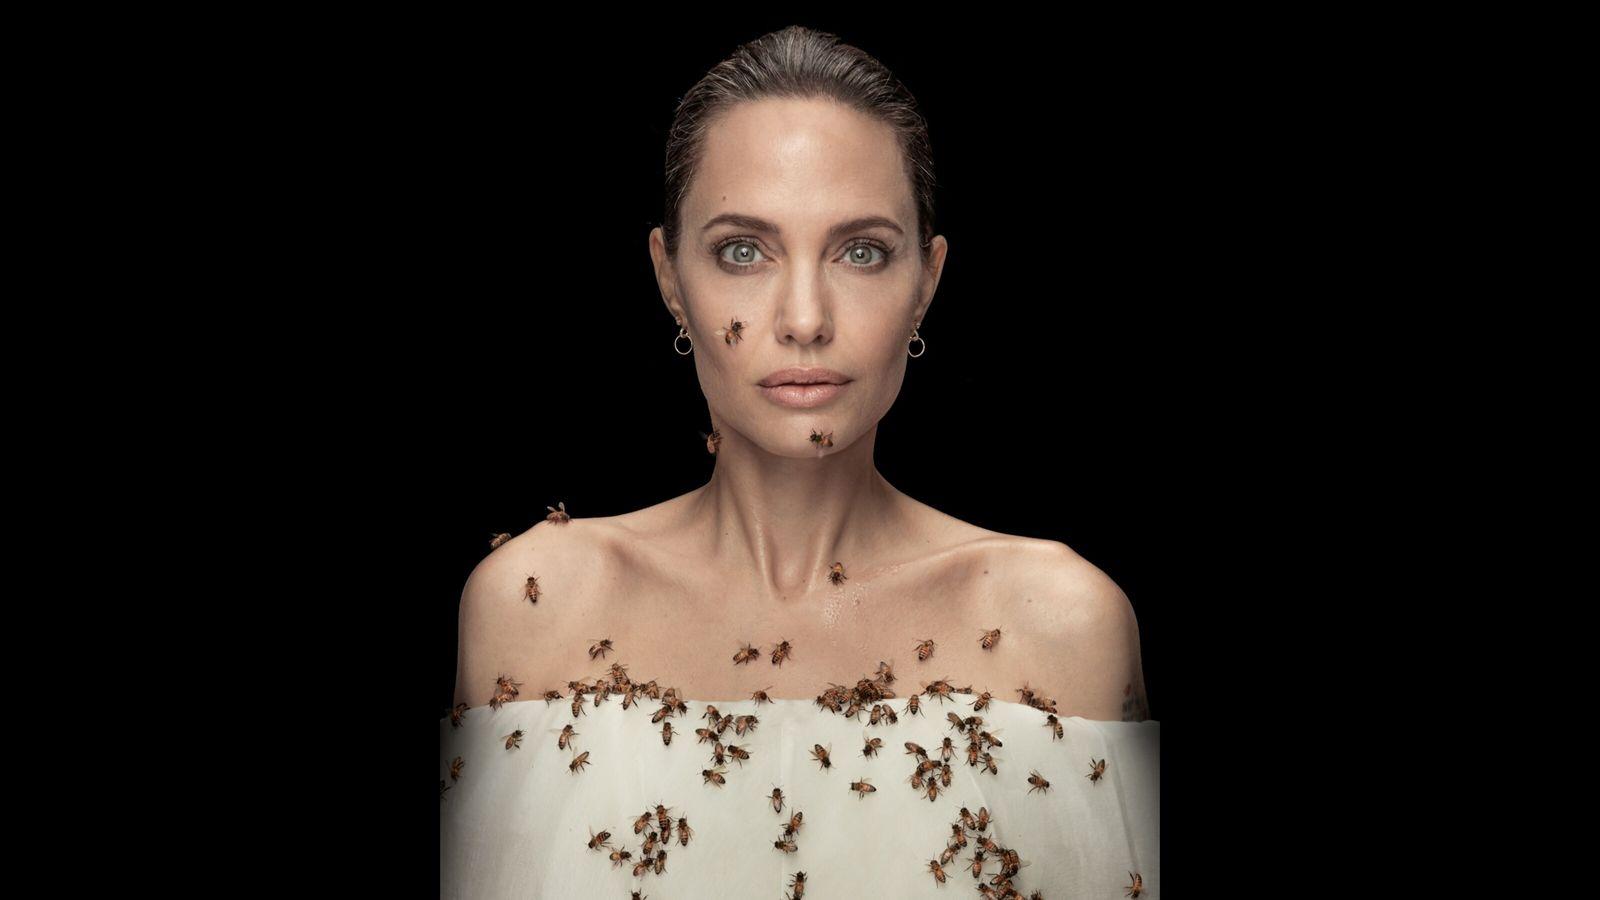 Para promover a iniciativa para o Dia Mundial das Abelhas, em colaboração com a National Geographic. ...